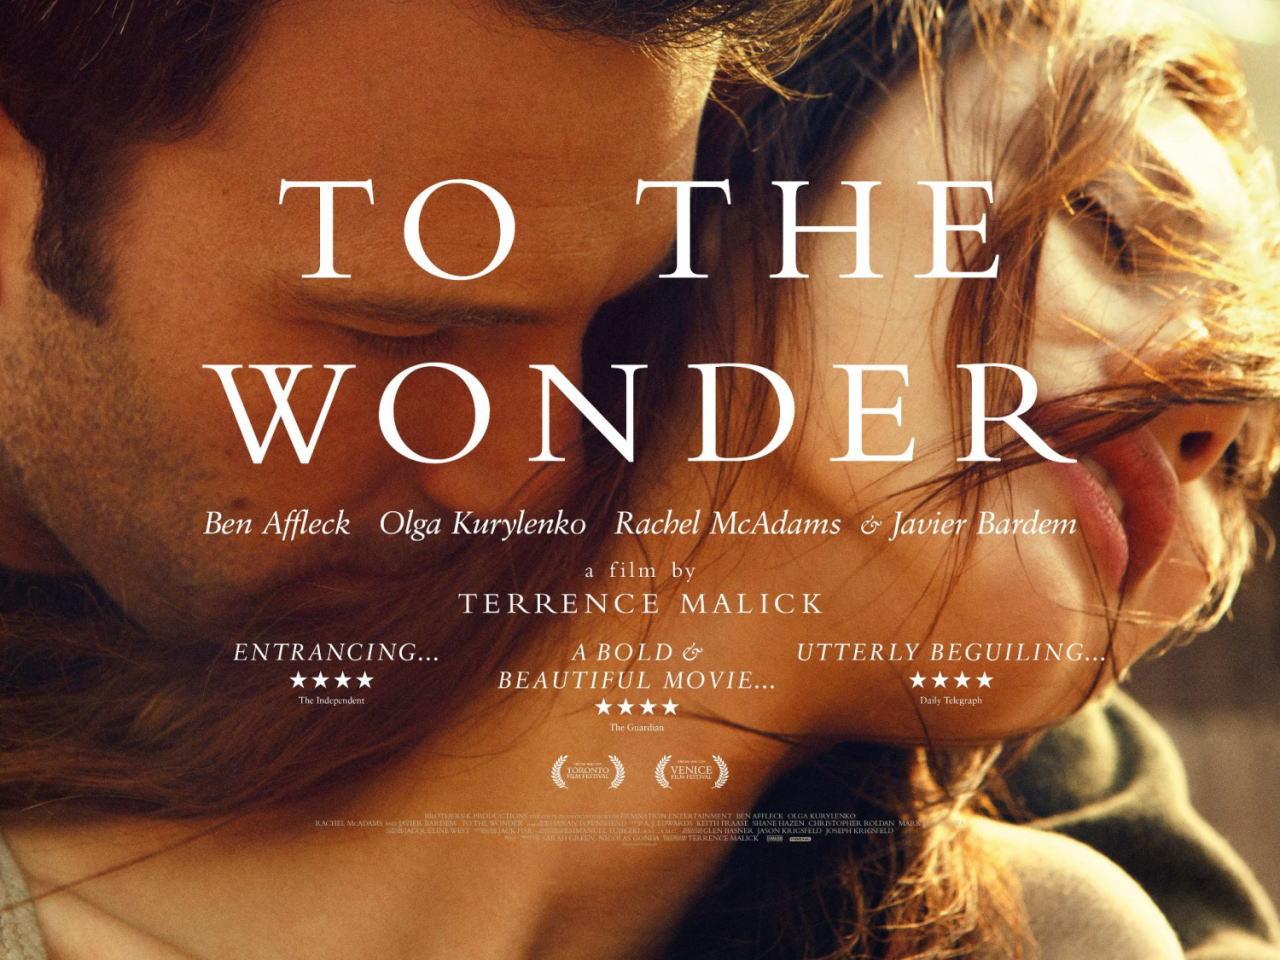 映画『トゥ・ザ・ワンダー TO THE WONDER』ポスター(4)▼ポスター画像クリックで拡大します。